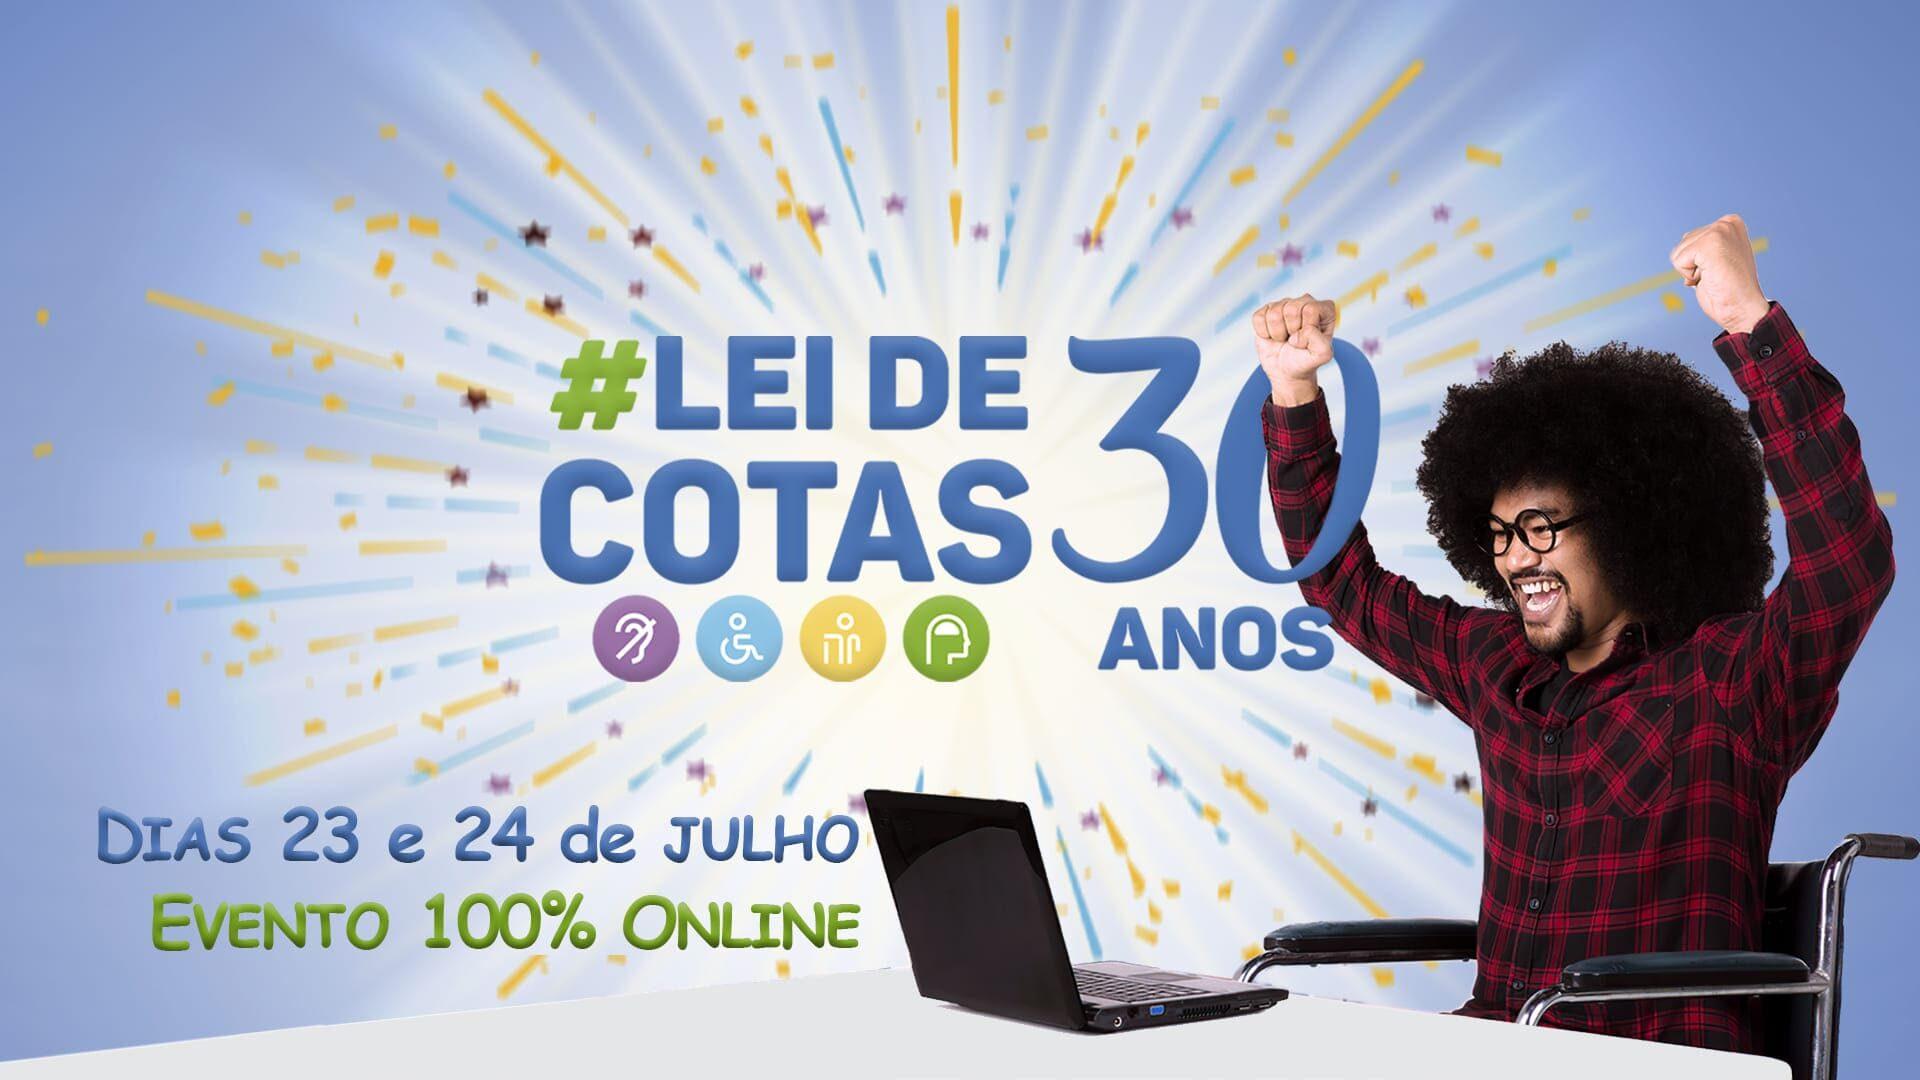 Evento online celebra os 30 anos da Lei de Cotas Jornalista Inclusivo